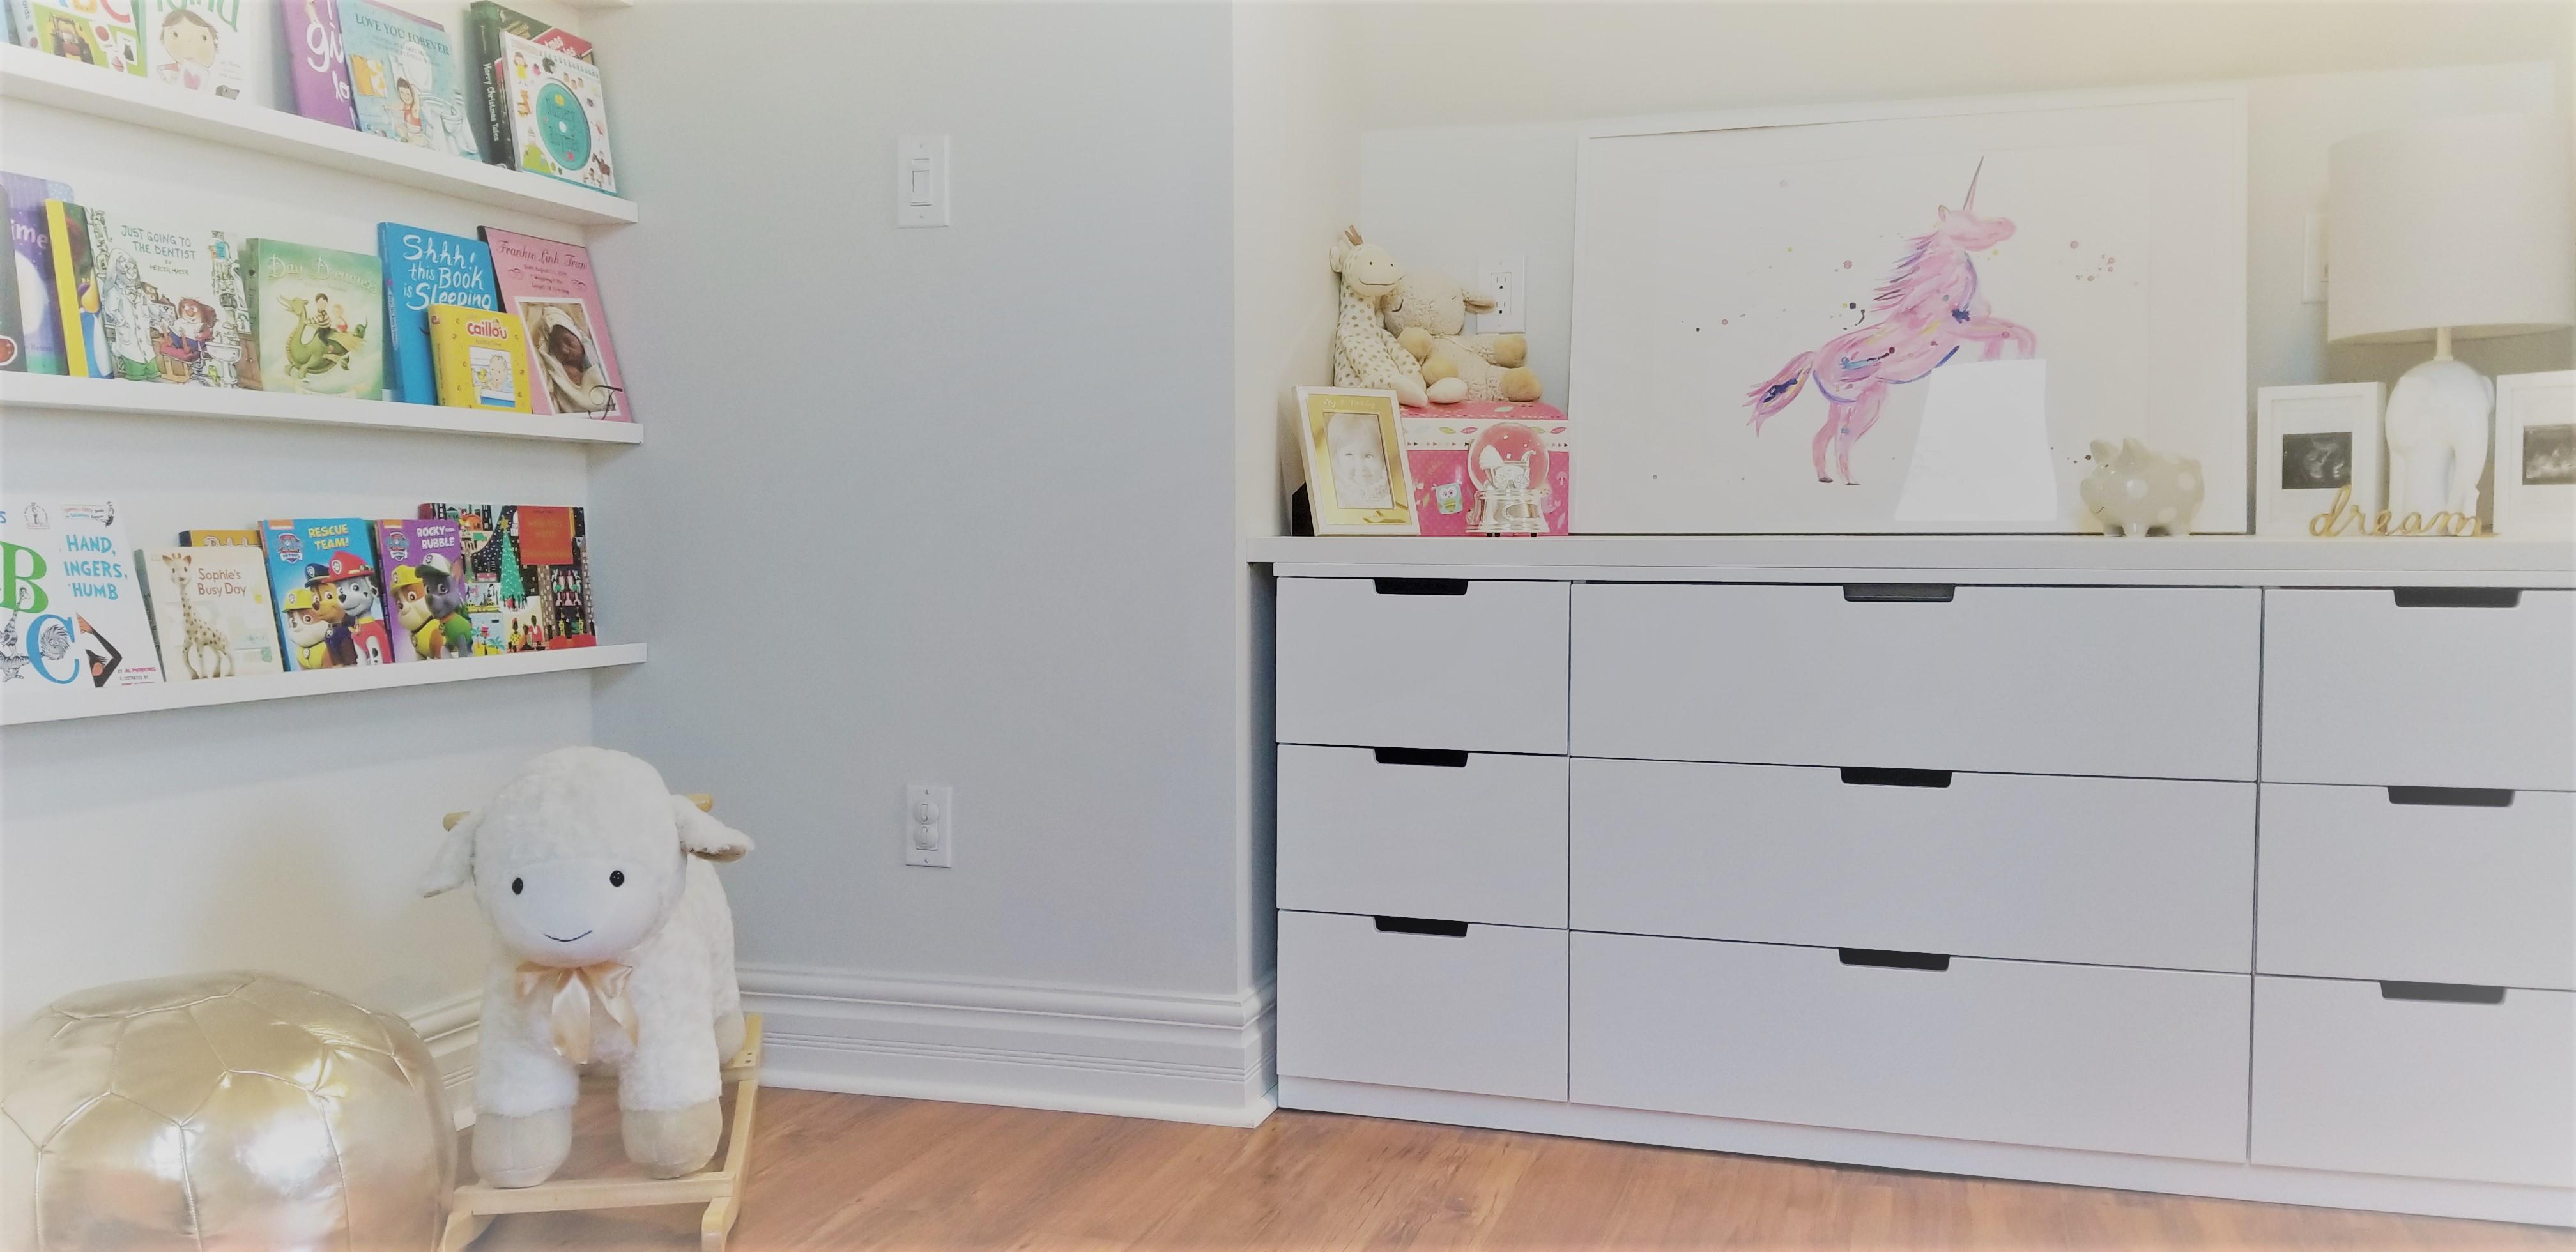 3reading corner and dresser.jpg